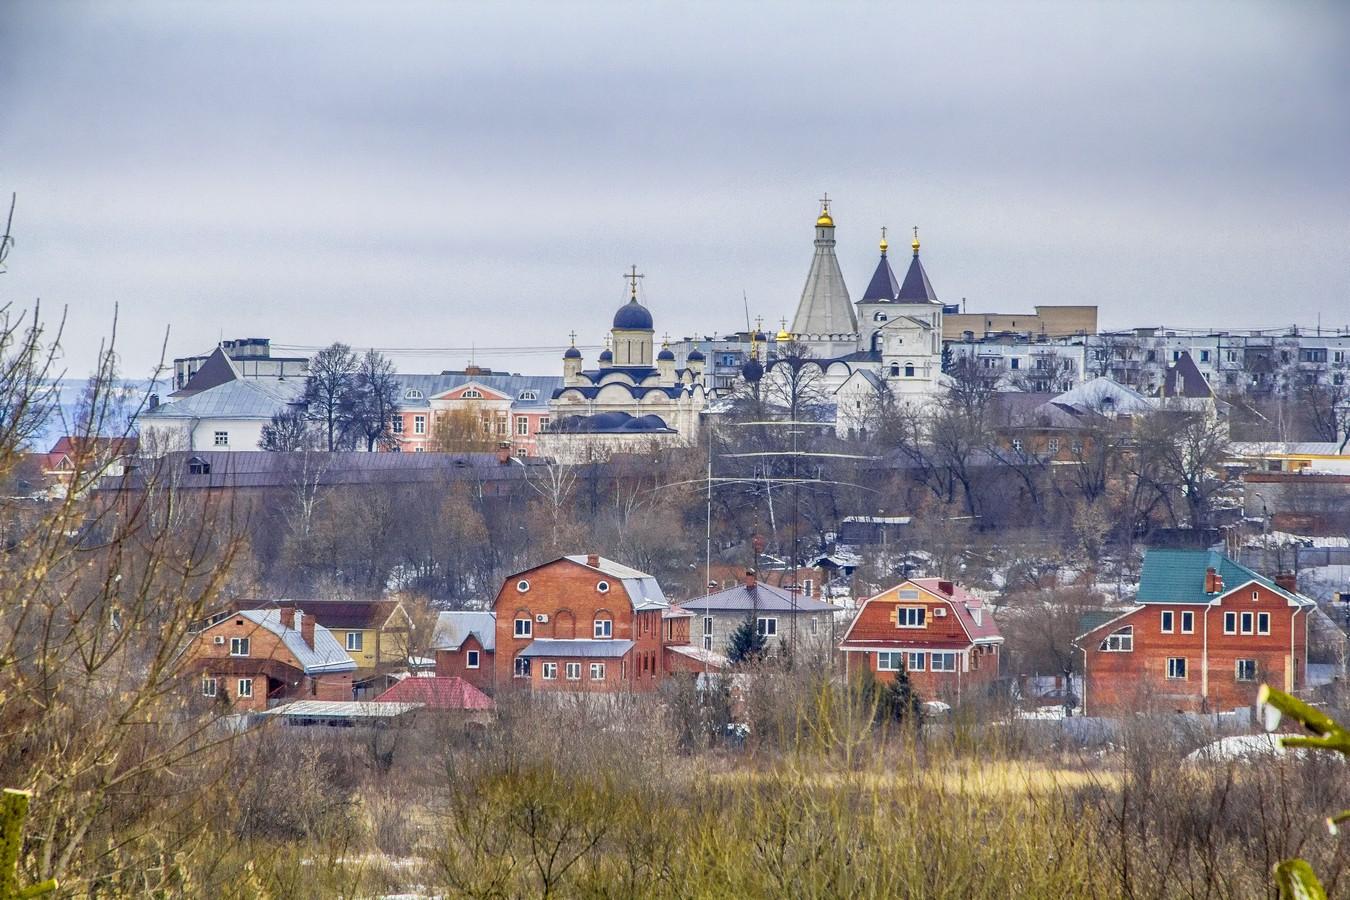 женский монастырь в серпухове фото описание чечне мина применялась